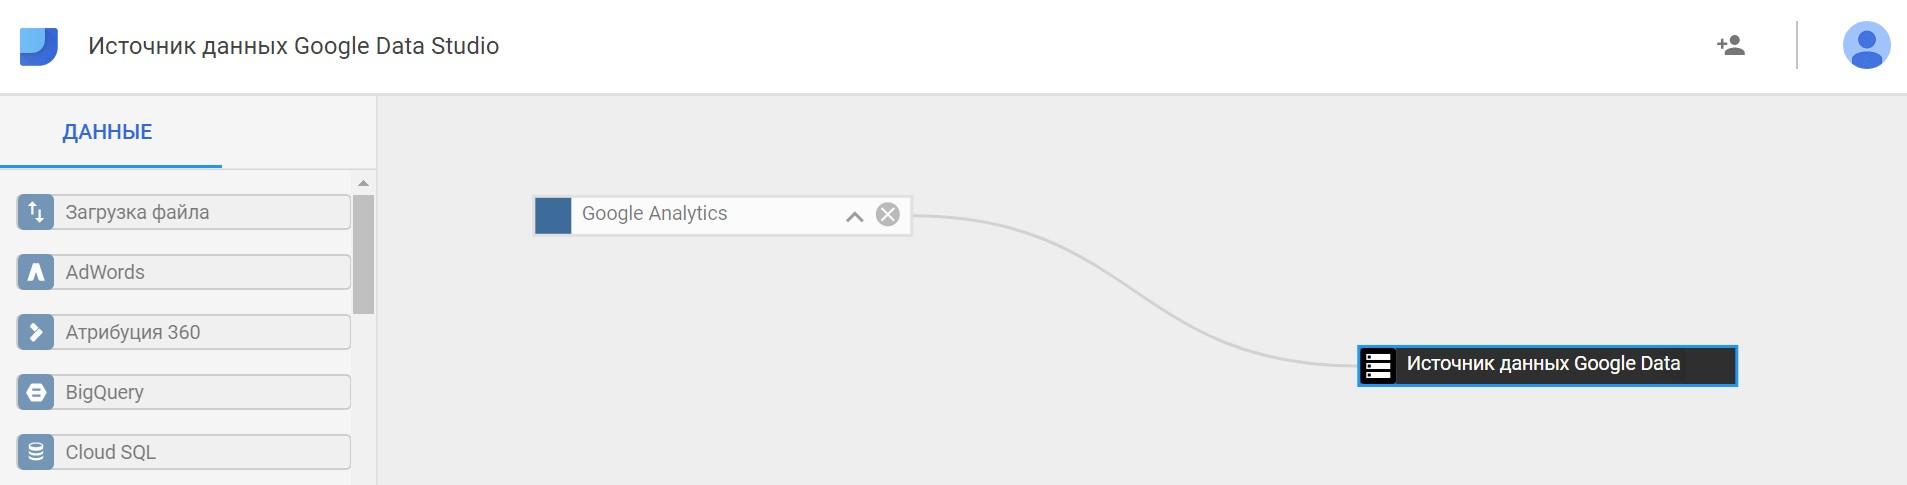 Источники данных (коннекторы) Google Data Studio